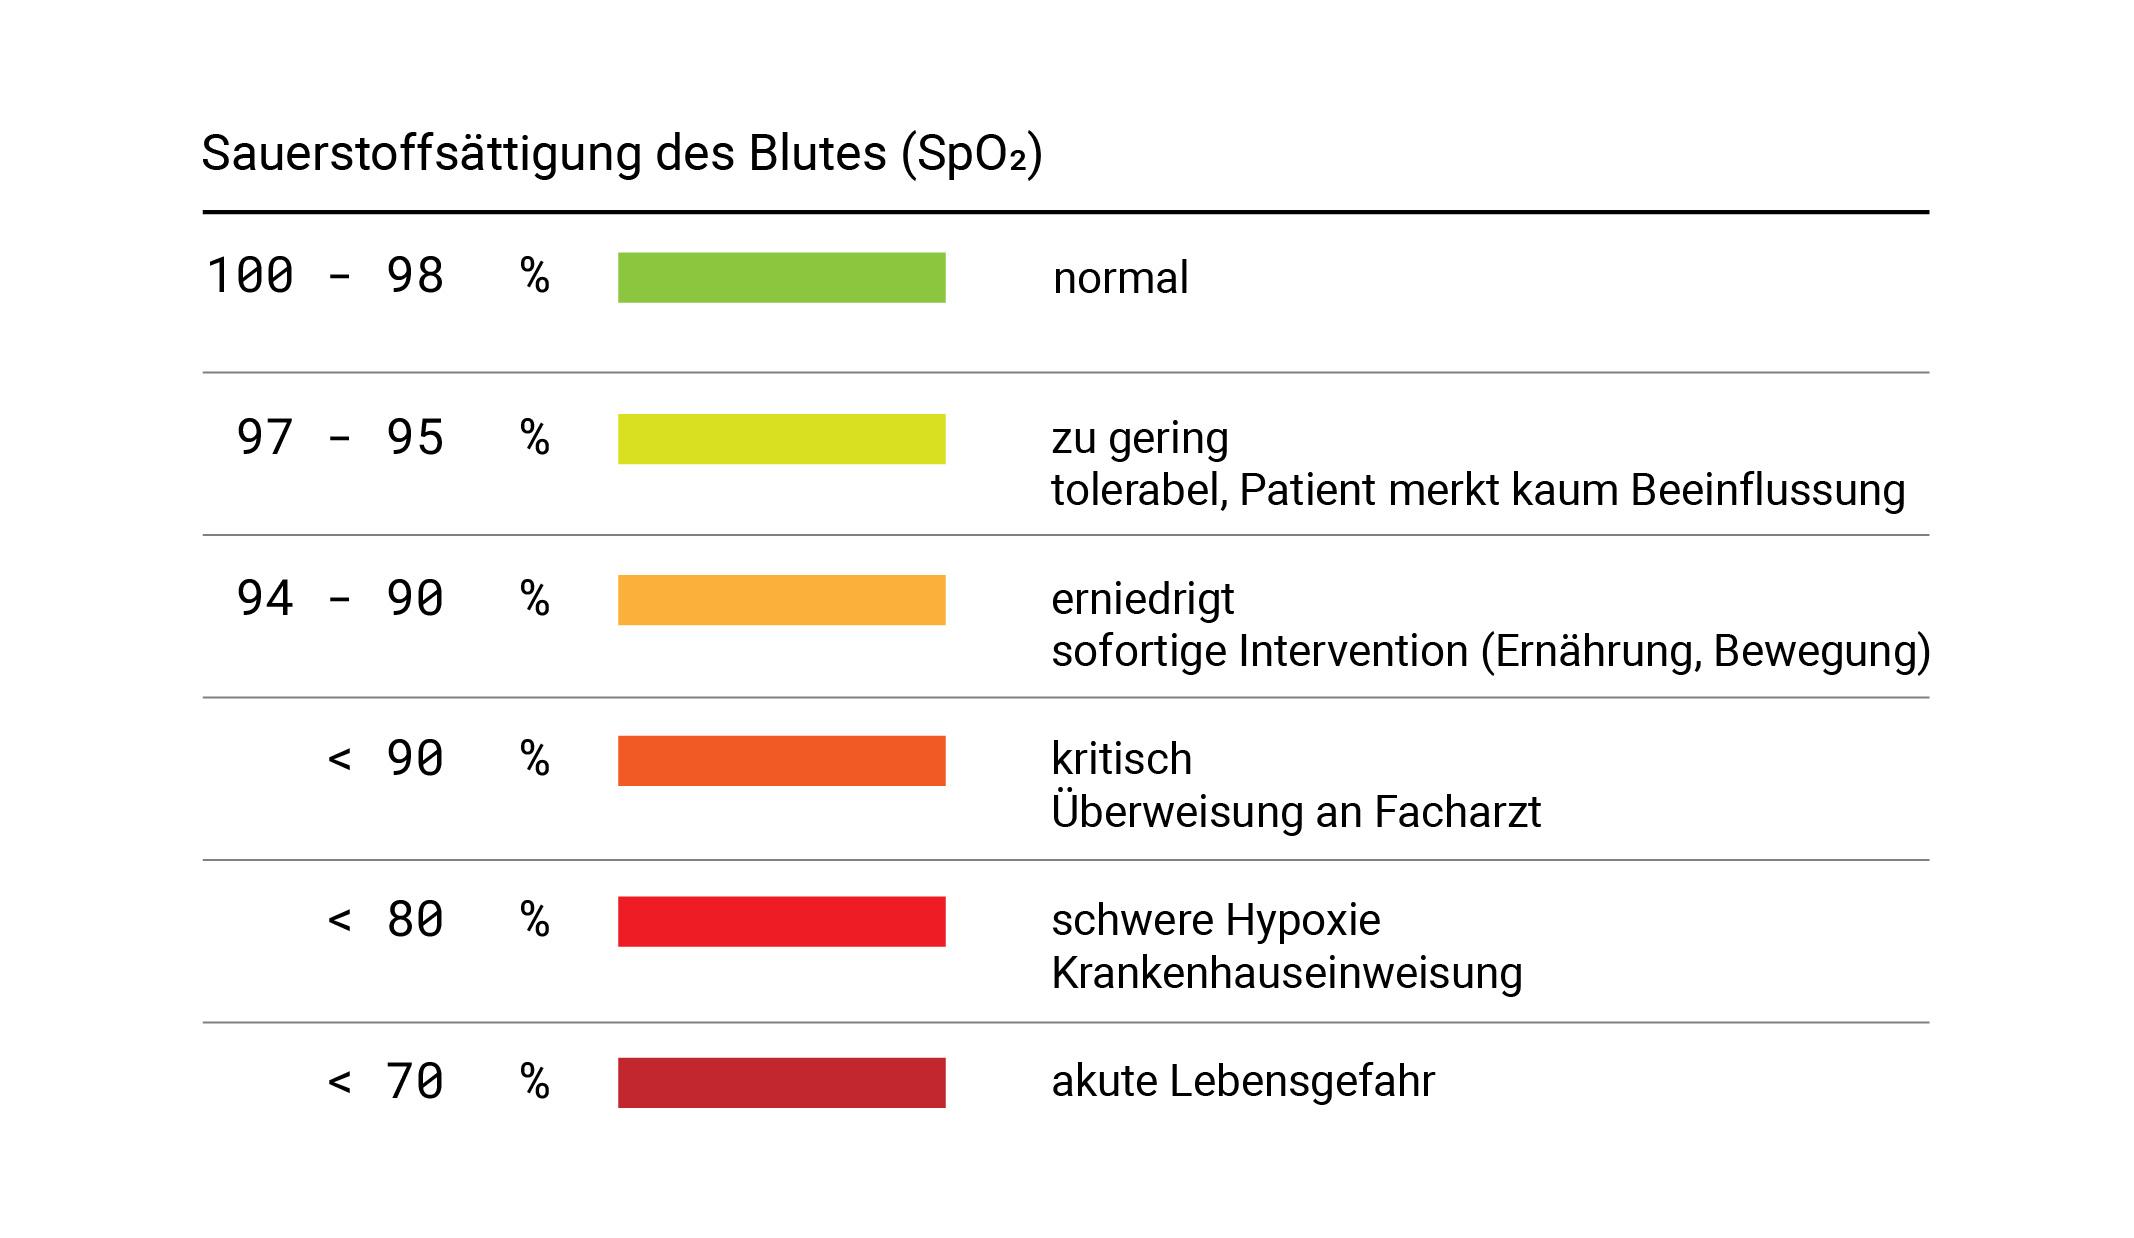 Abstufung der Sauerstoffsättigungswerte tabellarisch